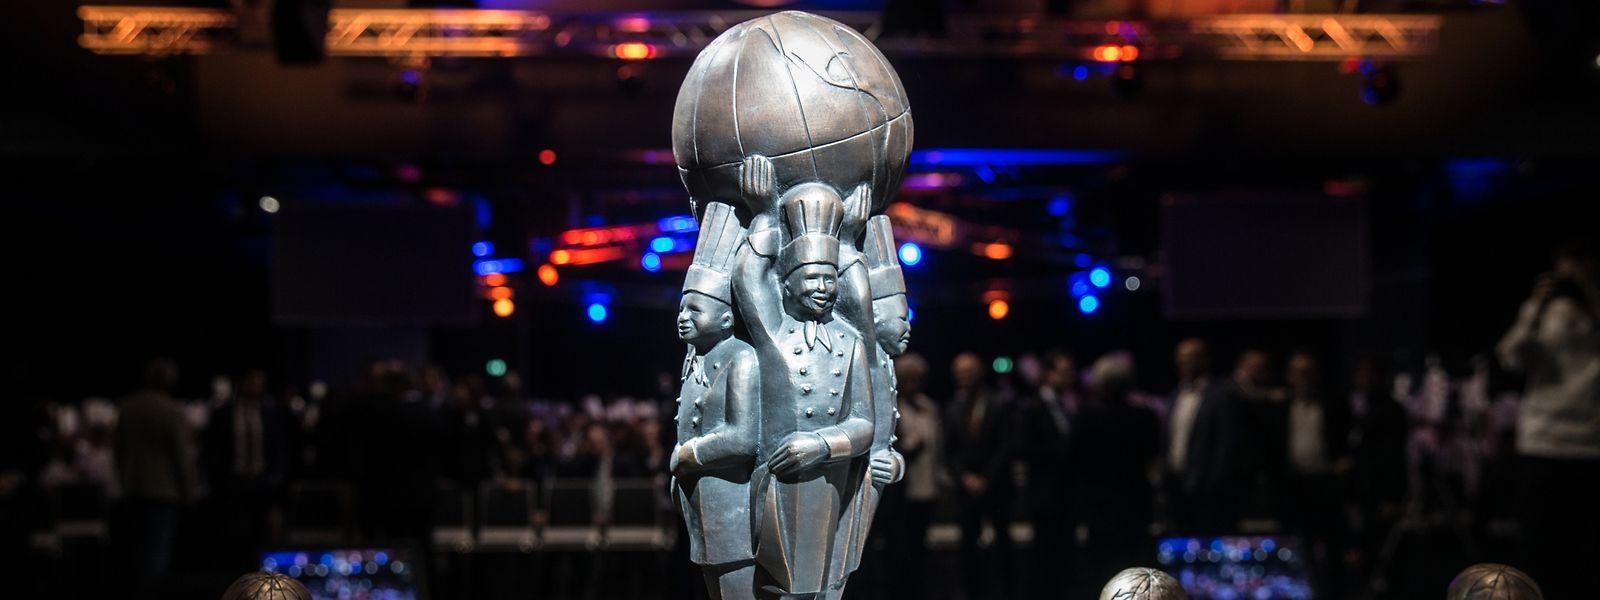 Die Siegerehrung der Expogast 2018 fand mit einer feierlicher Abschlussfeier statt.